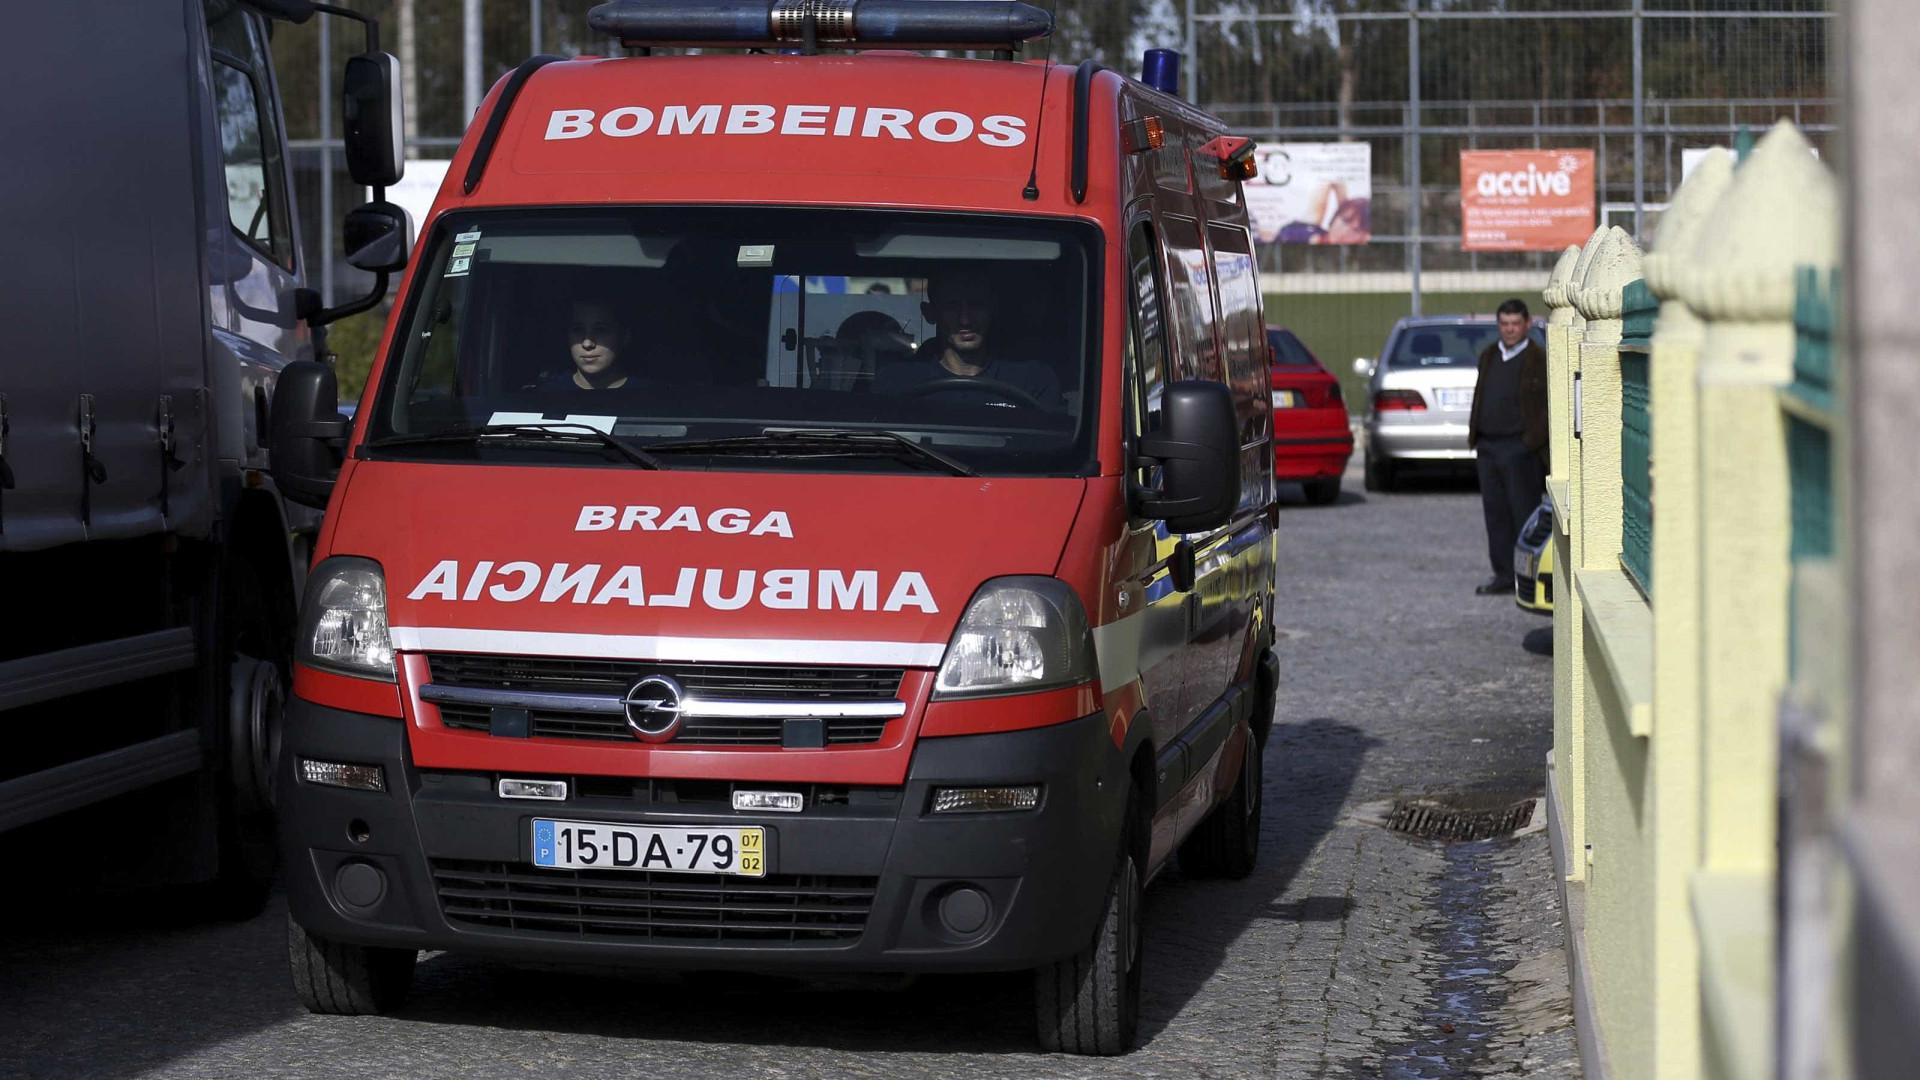 Homem morre engasgado a comer croissant em café de Braga